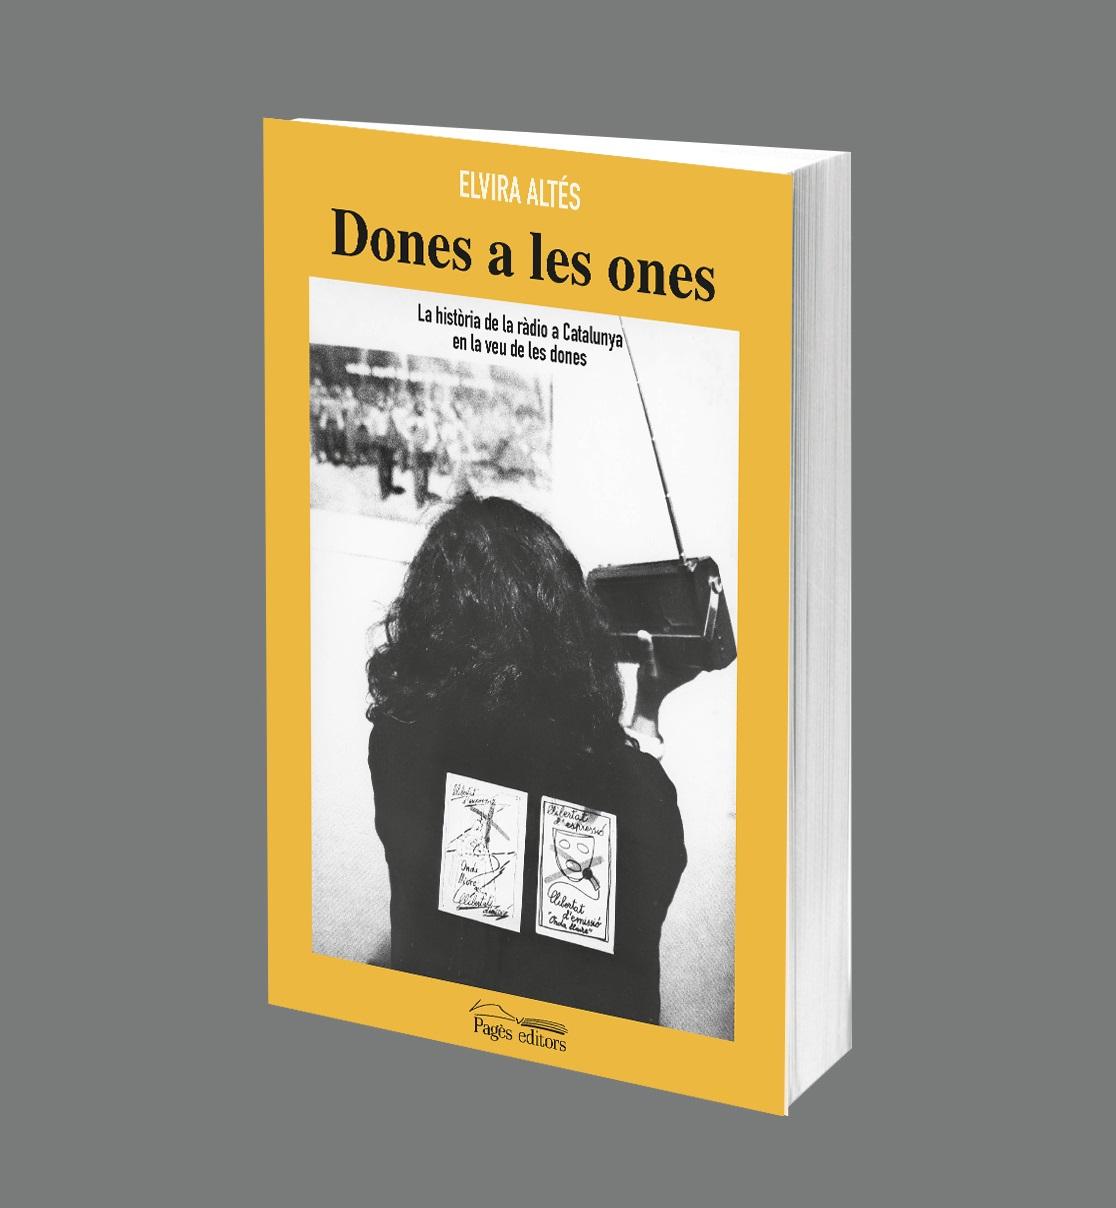 Pagès Editors presenta 'Dones a les ones. La història de la ràdio a Catalunya en veu de les dones', d'Elvira Altés